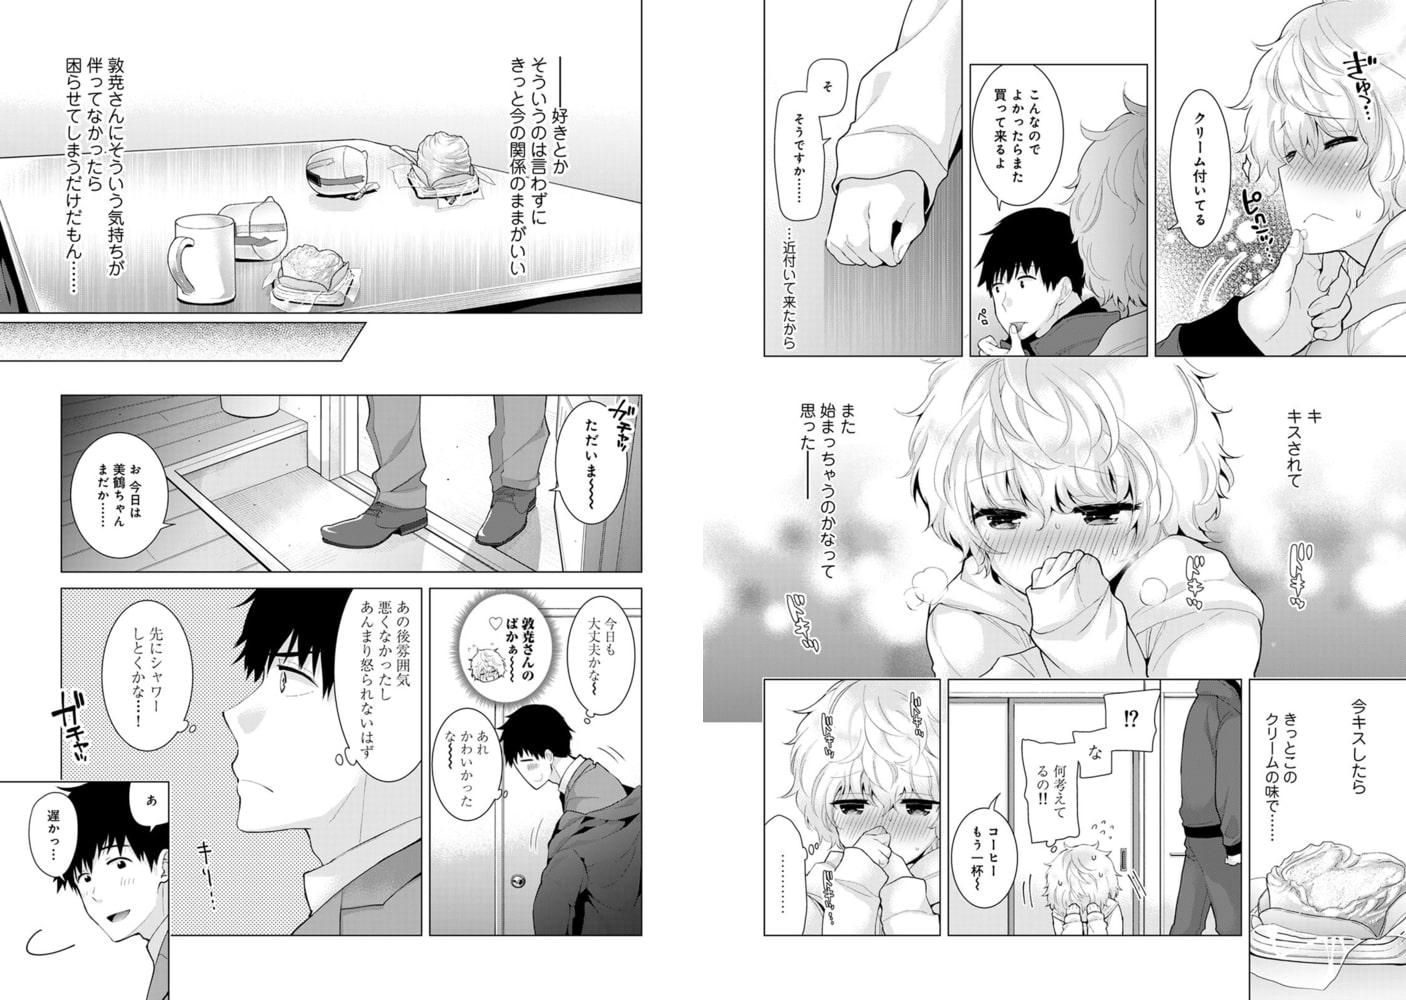 【単行本版】ノラネコ少女との暮らしかた 第2集のサンプル画像